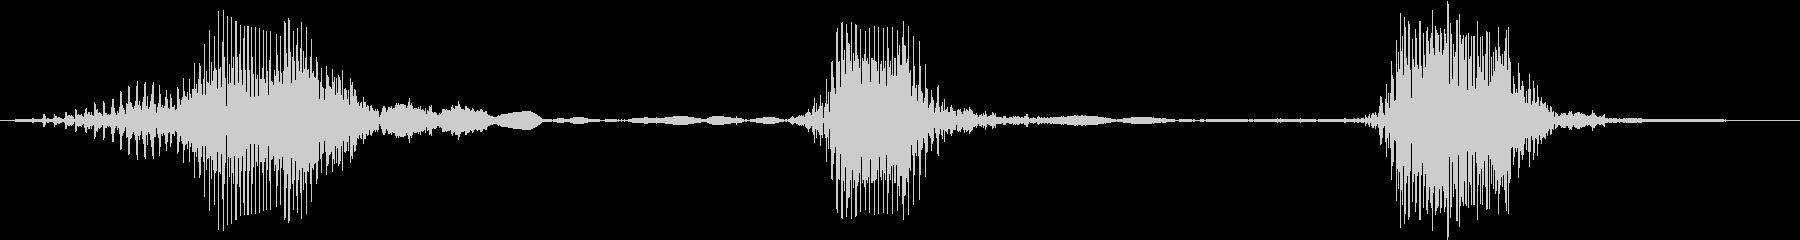 ラブラドールレトリバー:バーキング...の未再生の波形